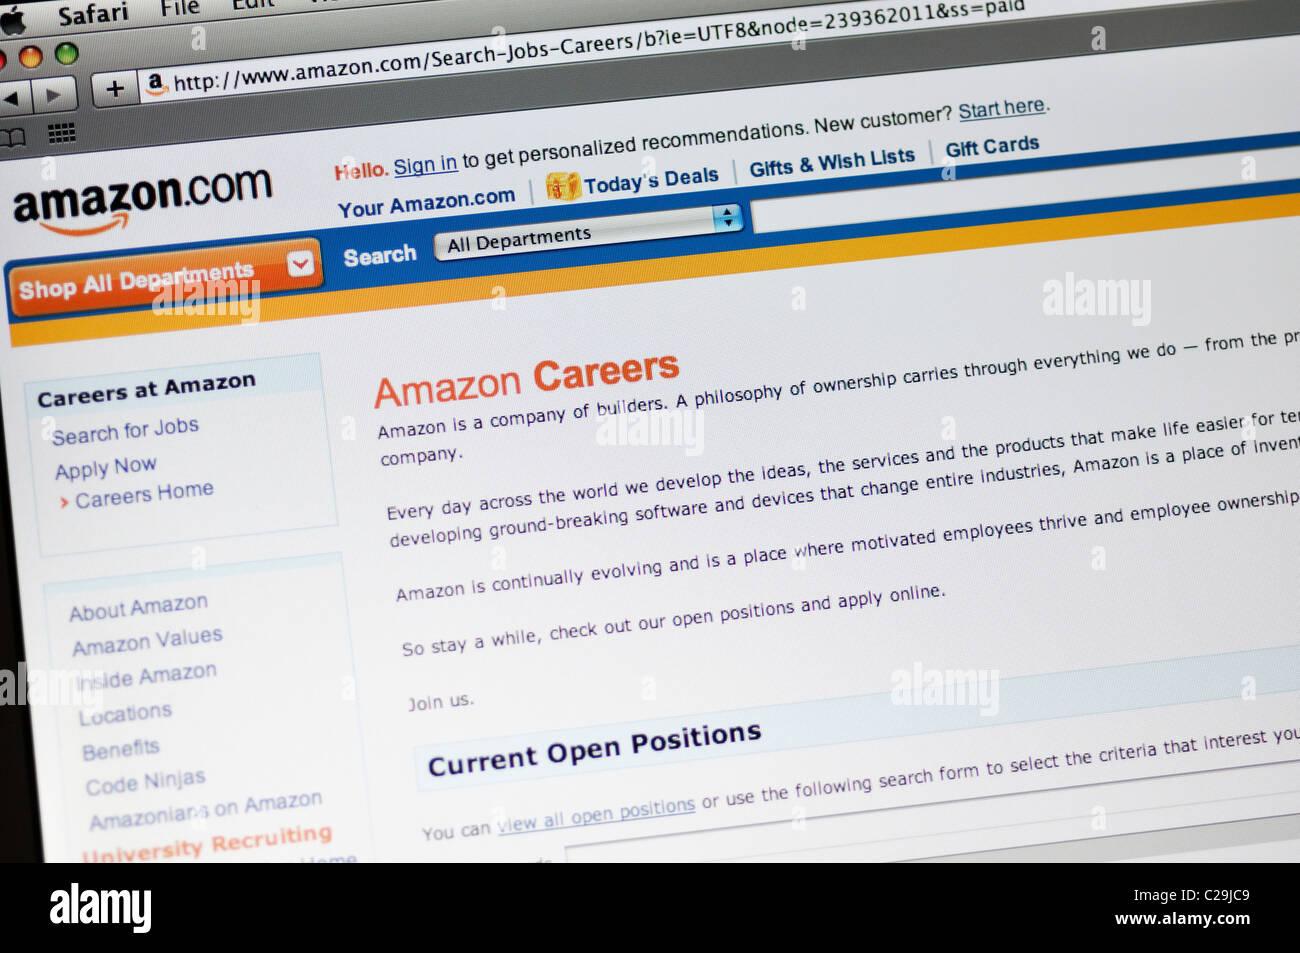 Amazon careers website Stock Photo: 35862073 - Alamy